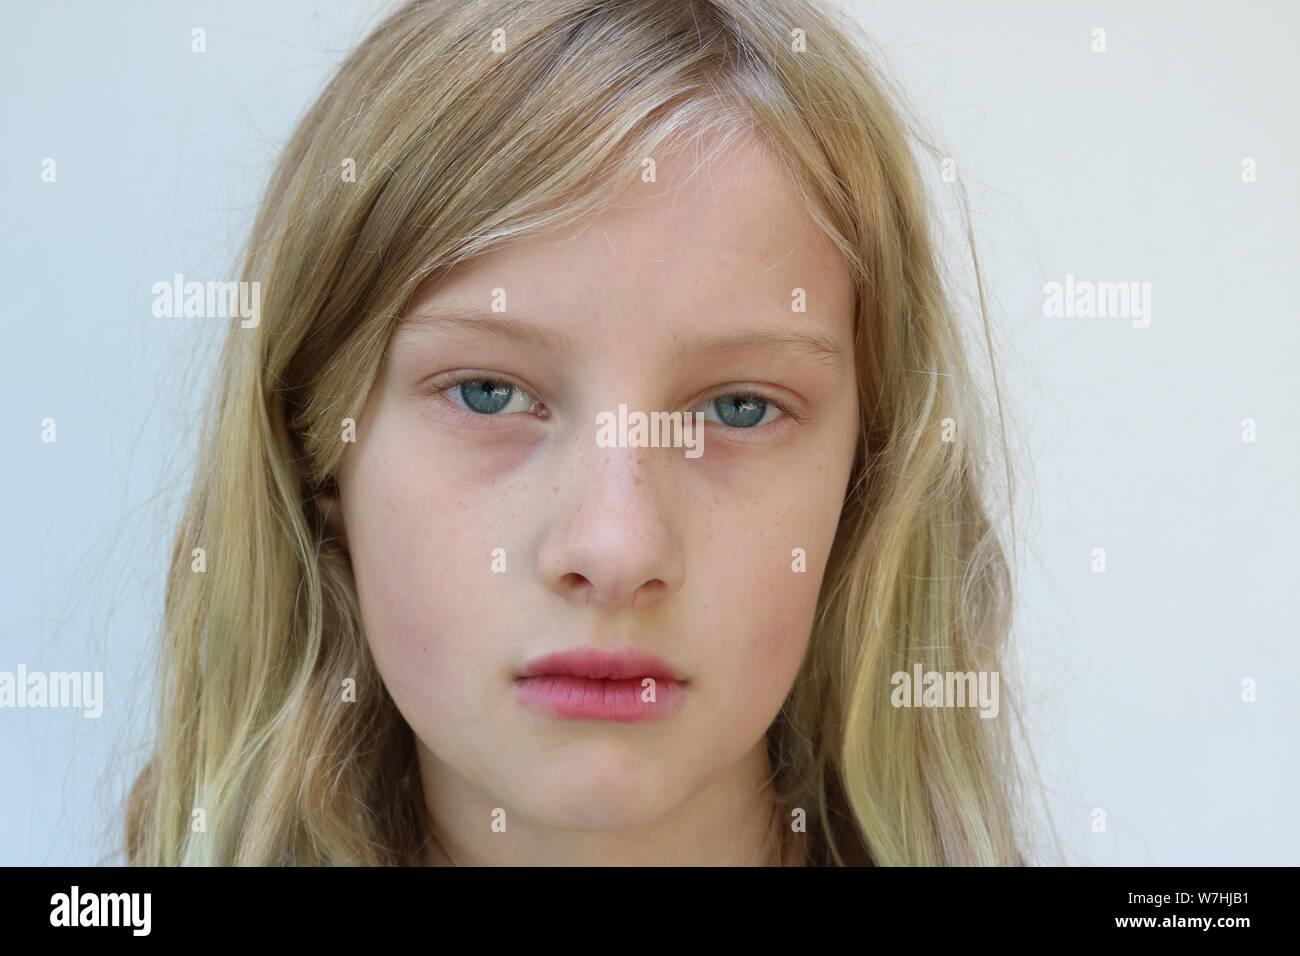 Defiant Adolescent Stock Photos & Defiant Adolescent Stock